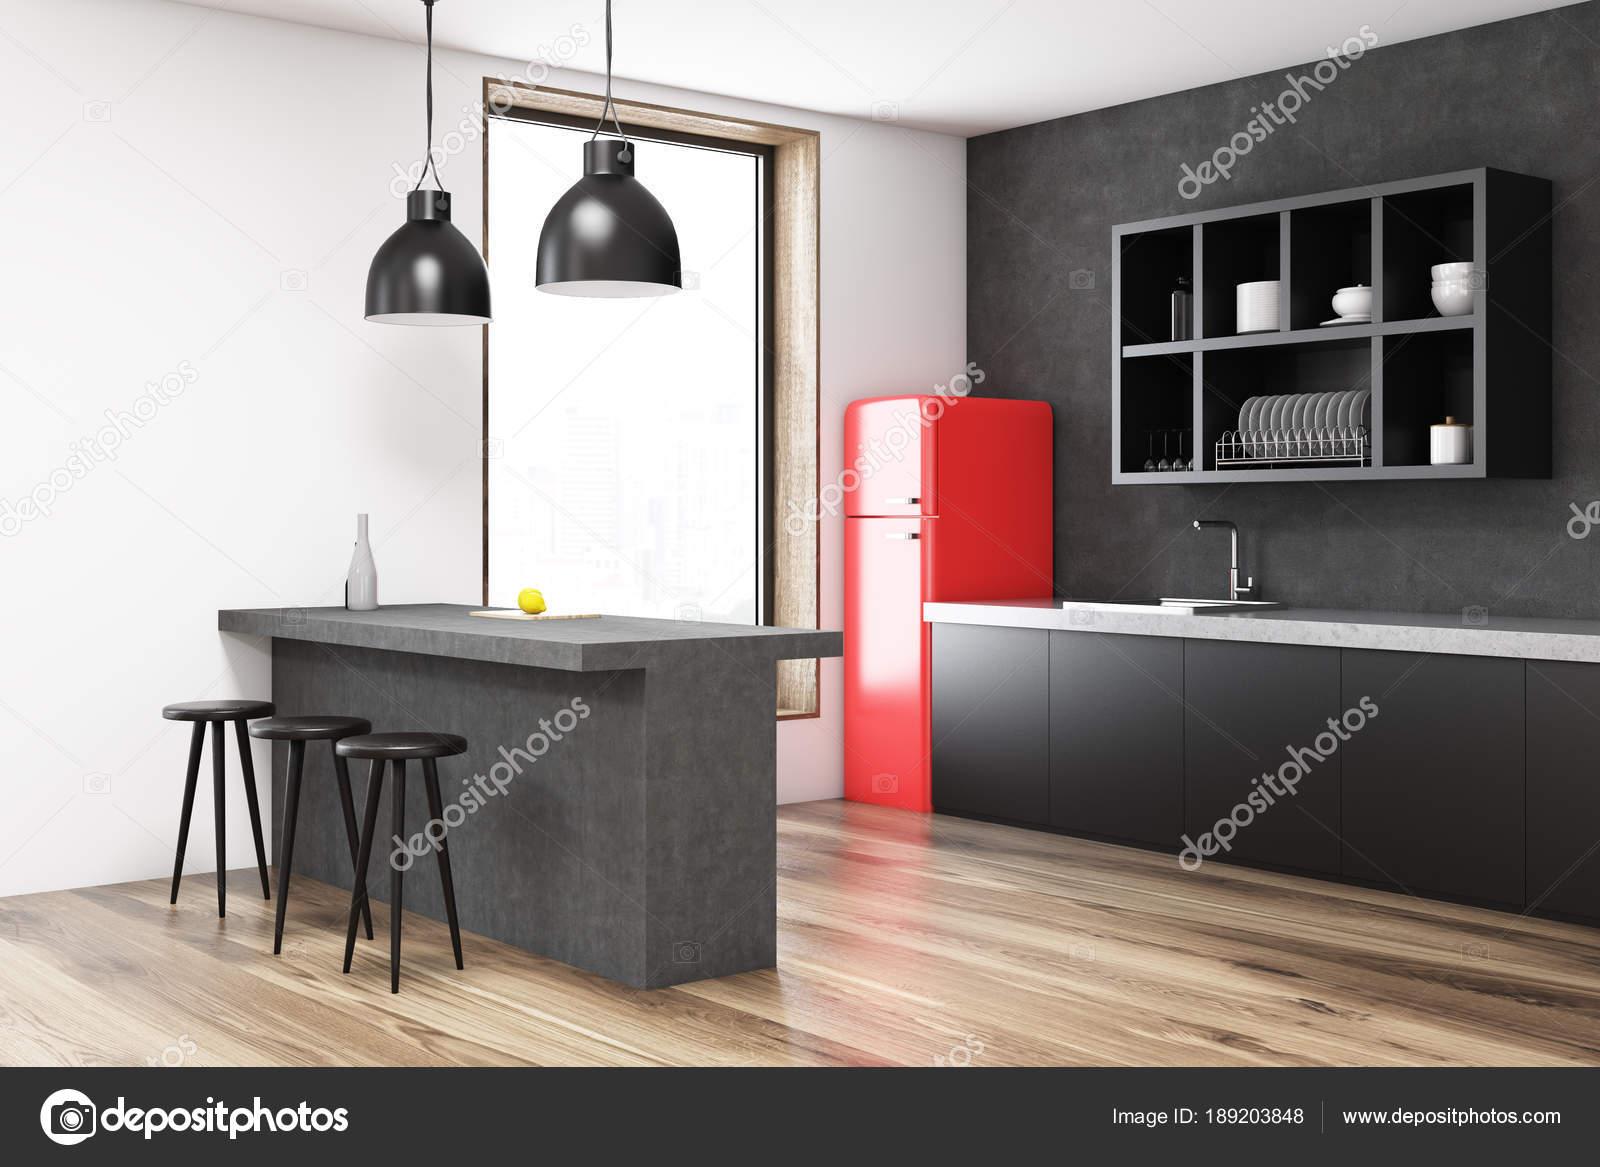 Frigorifero di cucina grigio angolo rosso u2014 foto stock